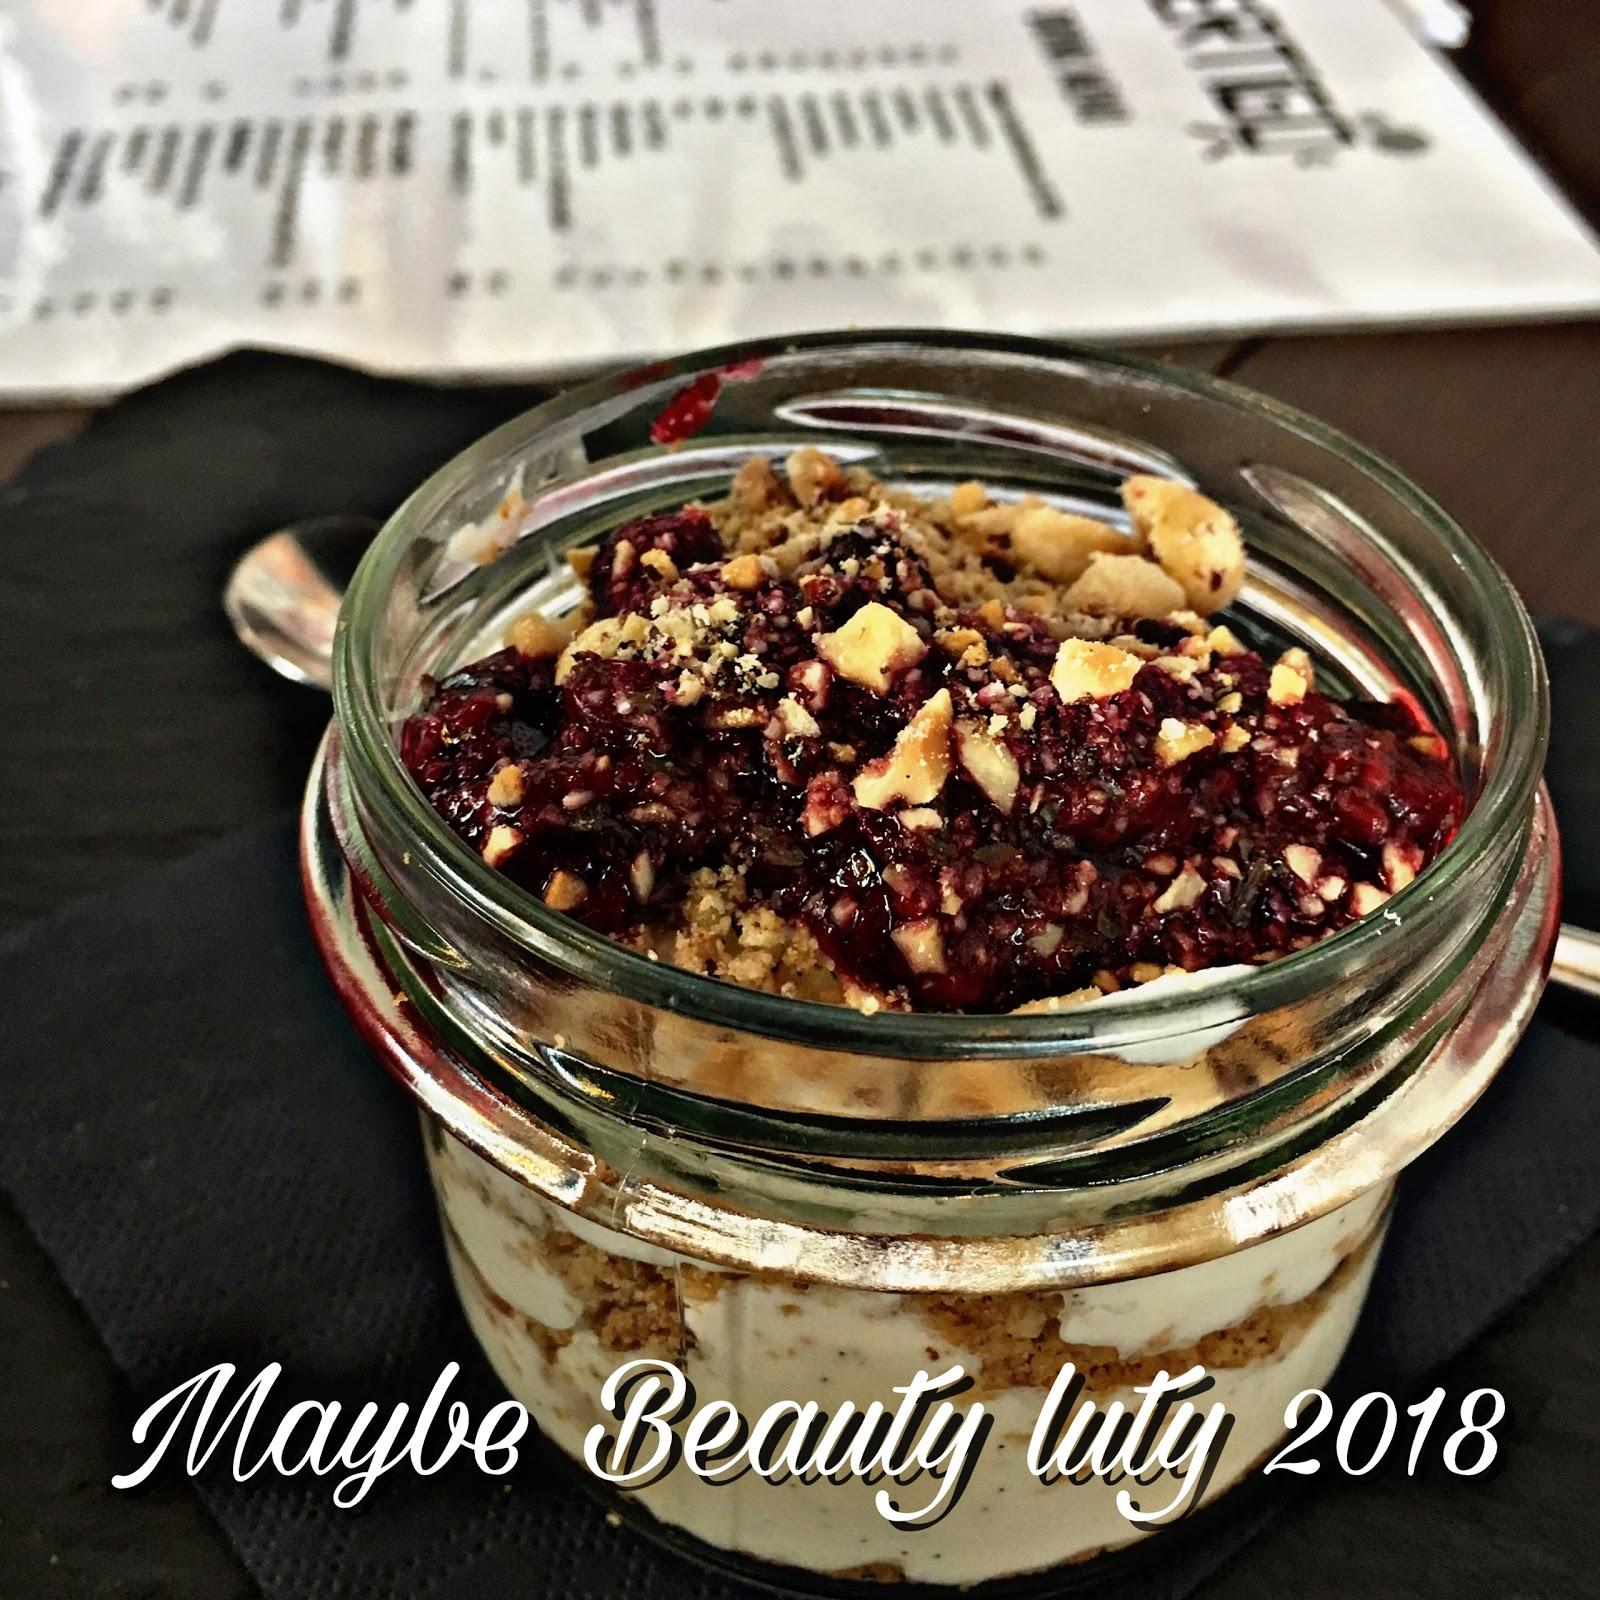 Moje wrażenia ze spotkania blogerek Maybe Beauty charytatywnie luty 2018.